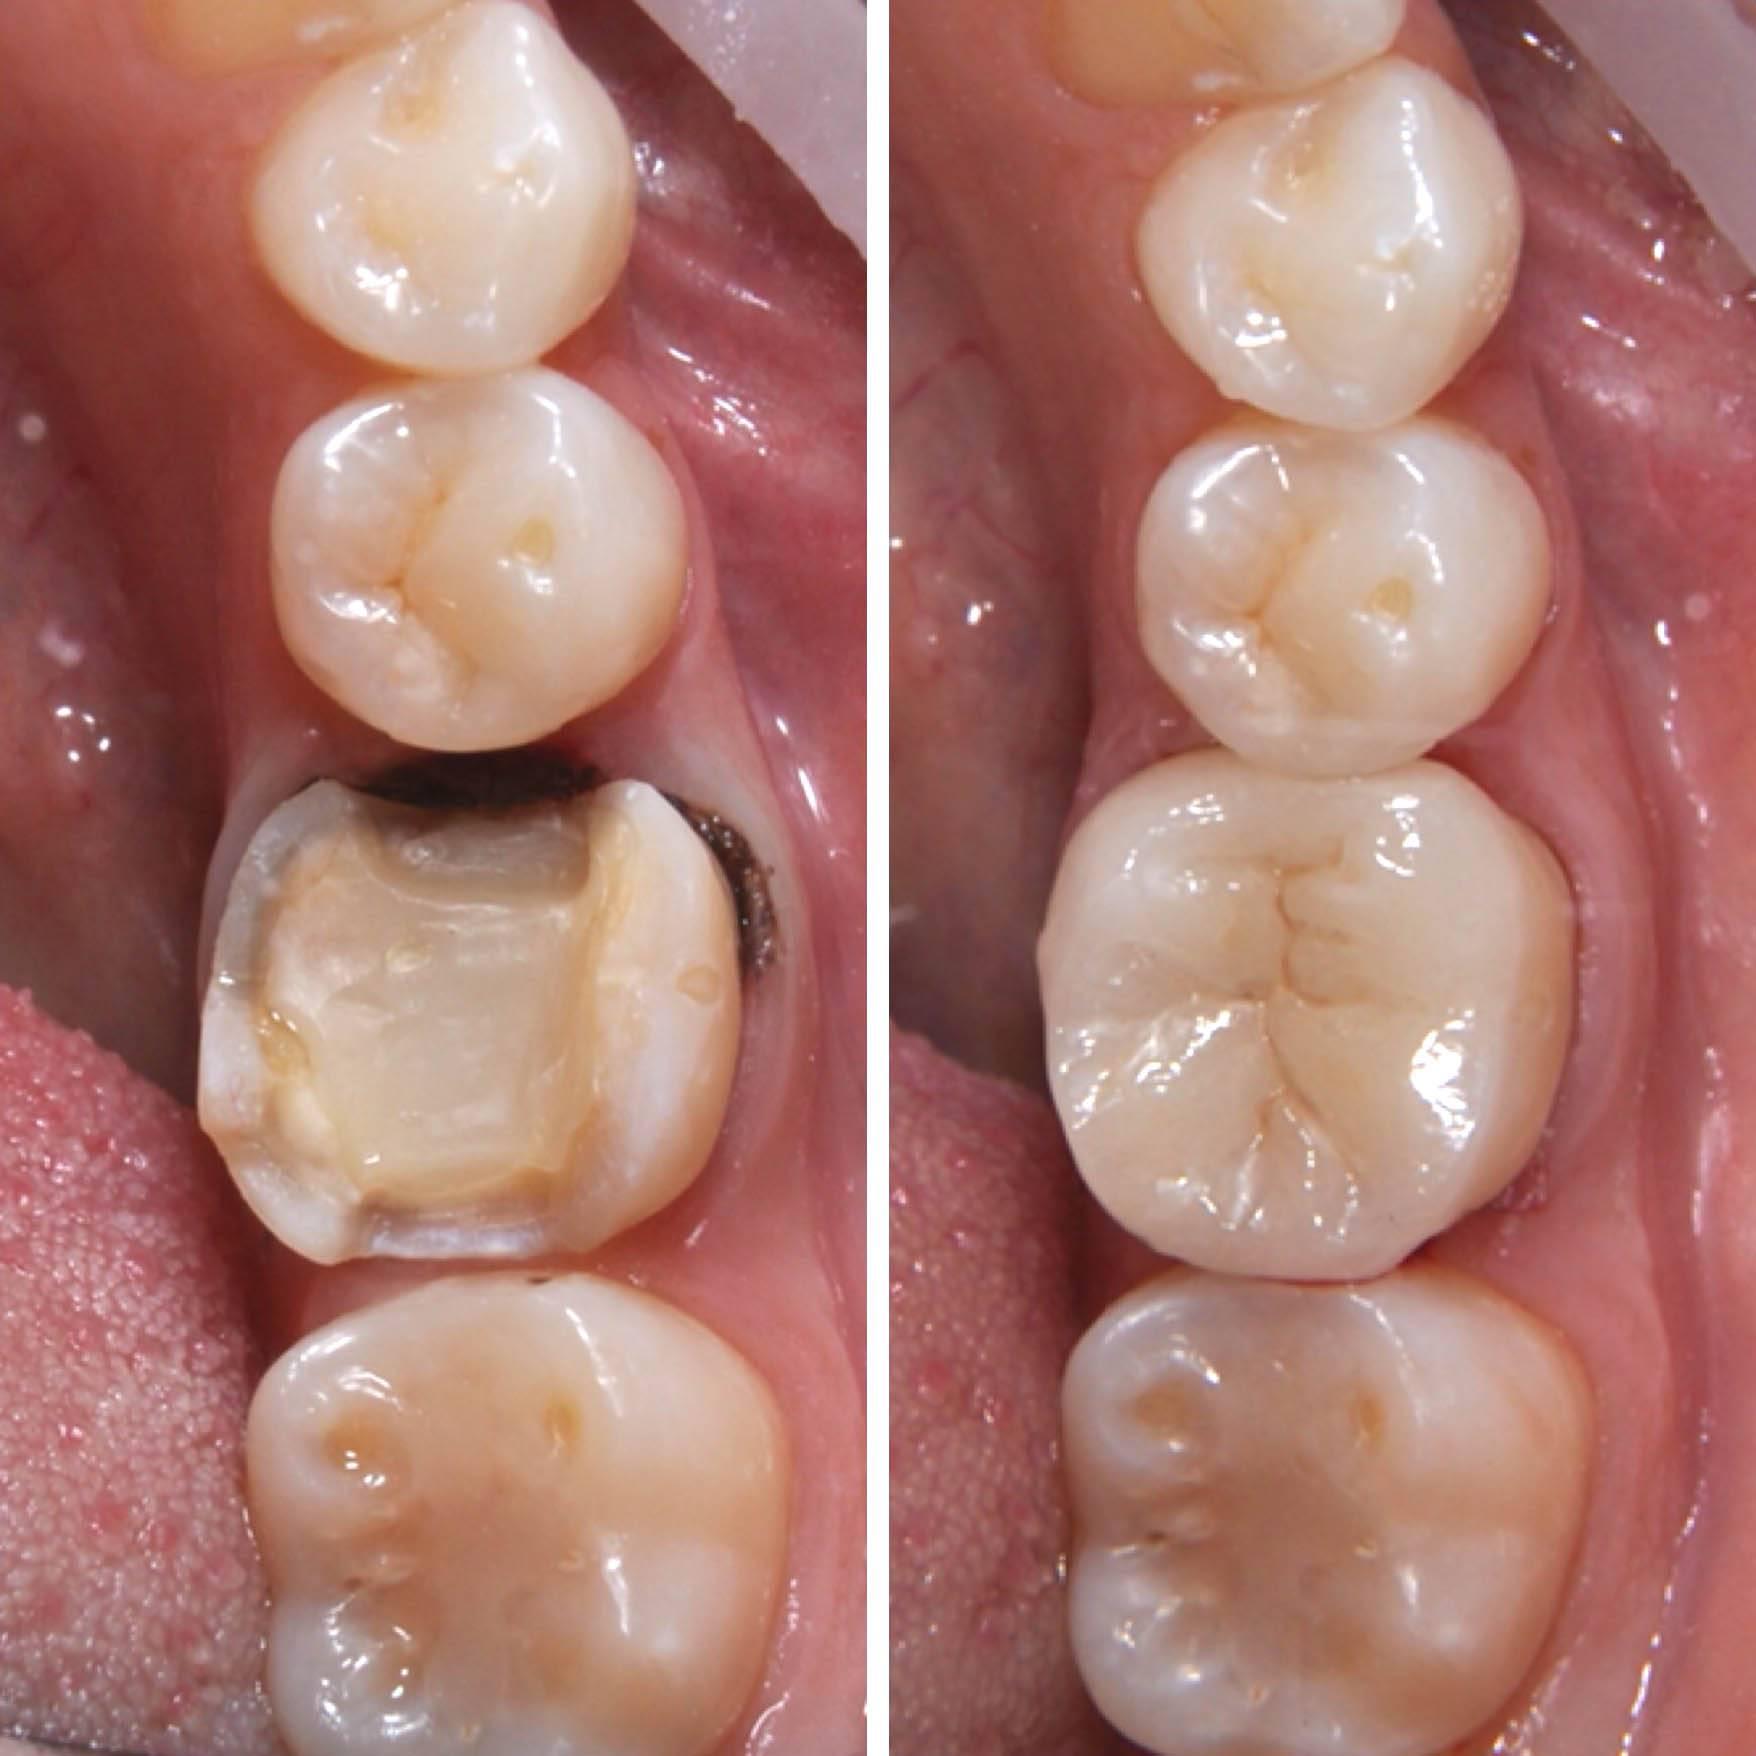 Сколько нельзя есть после пломбирования зуба